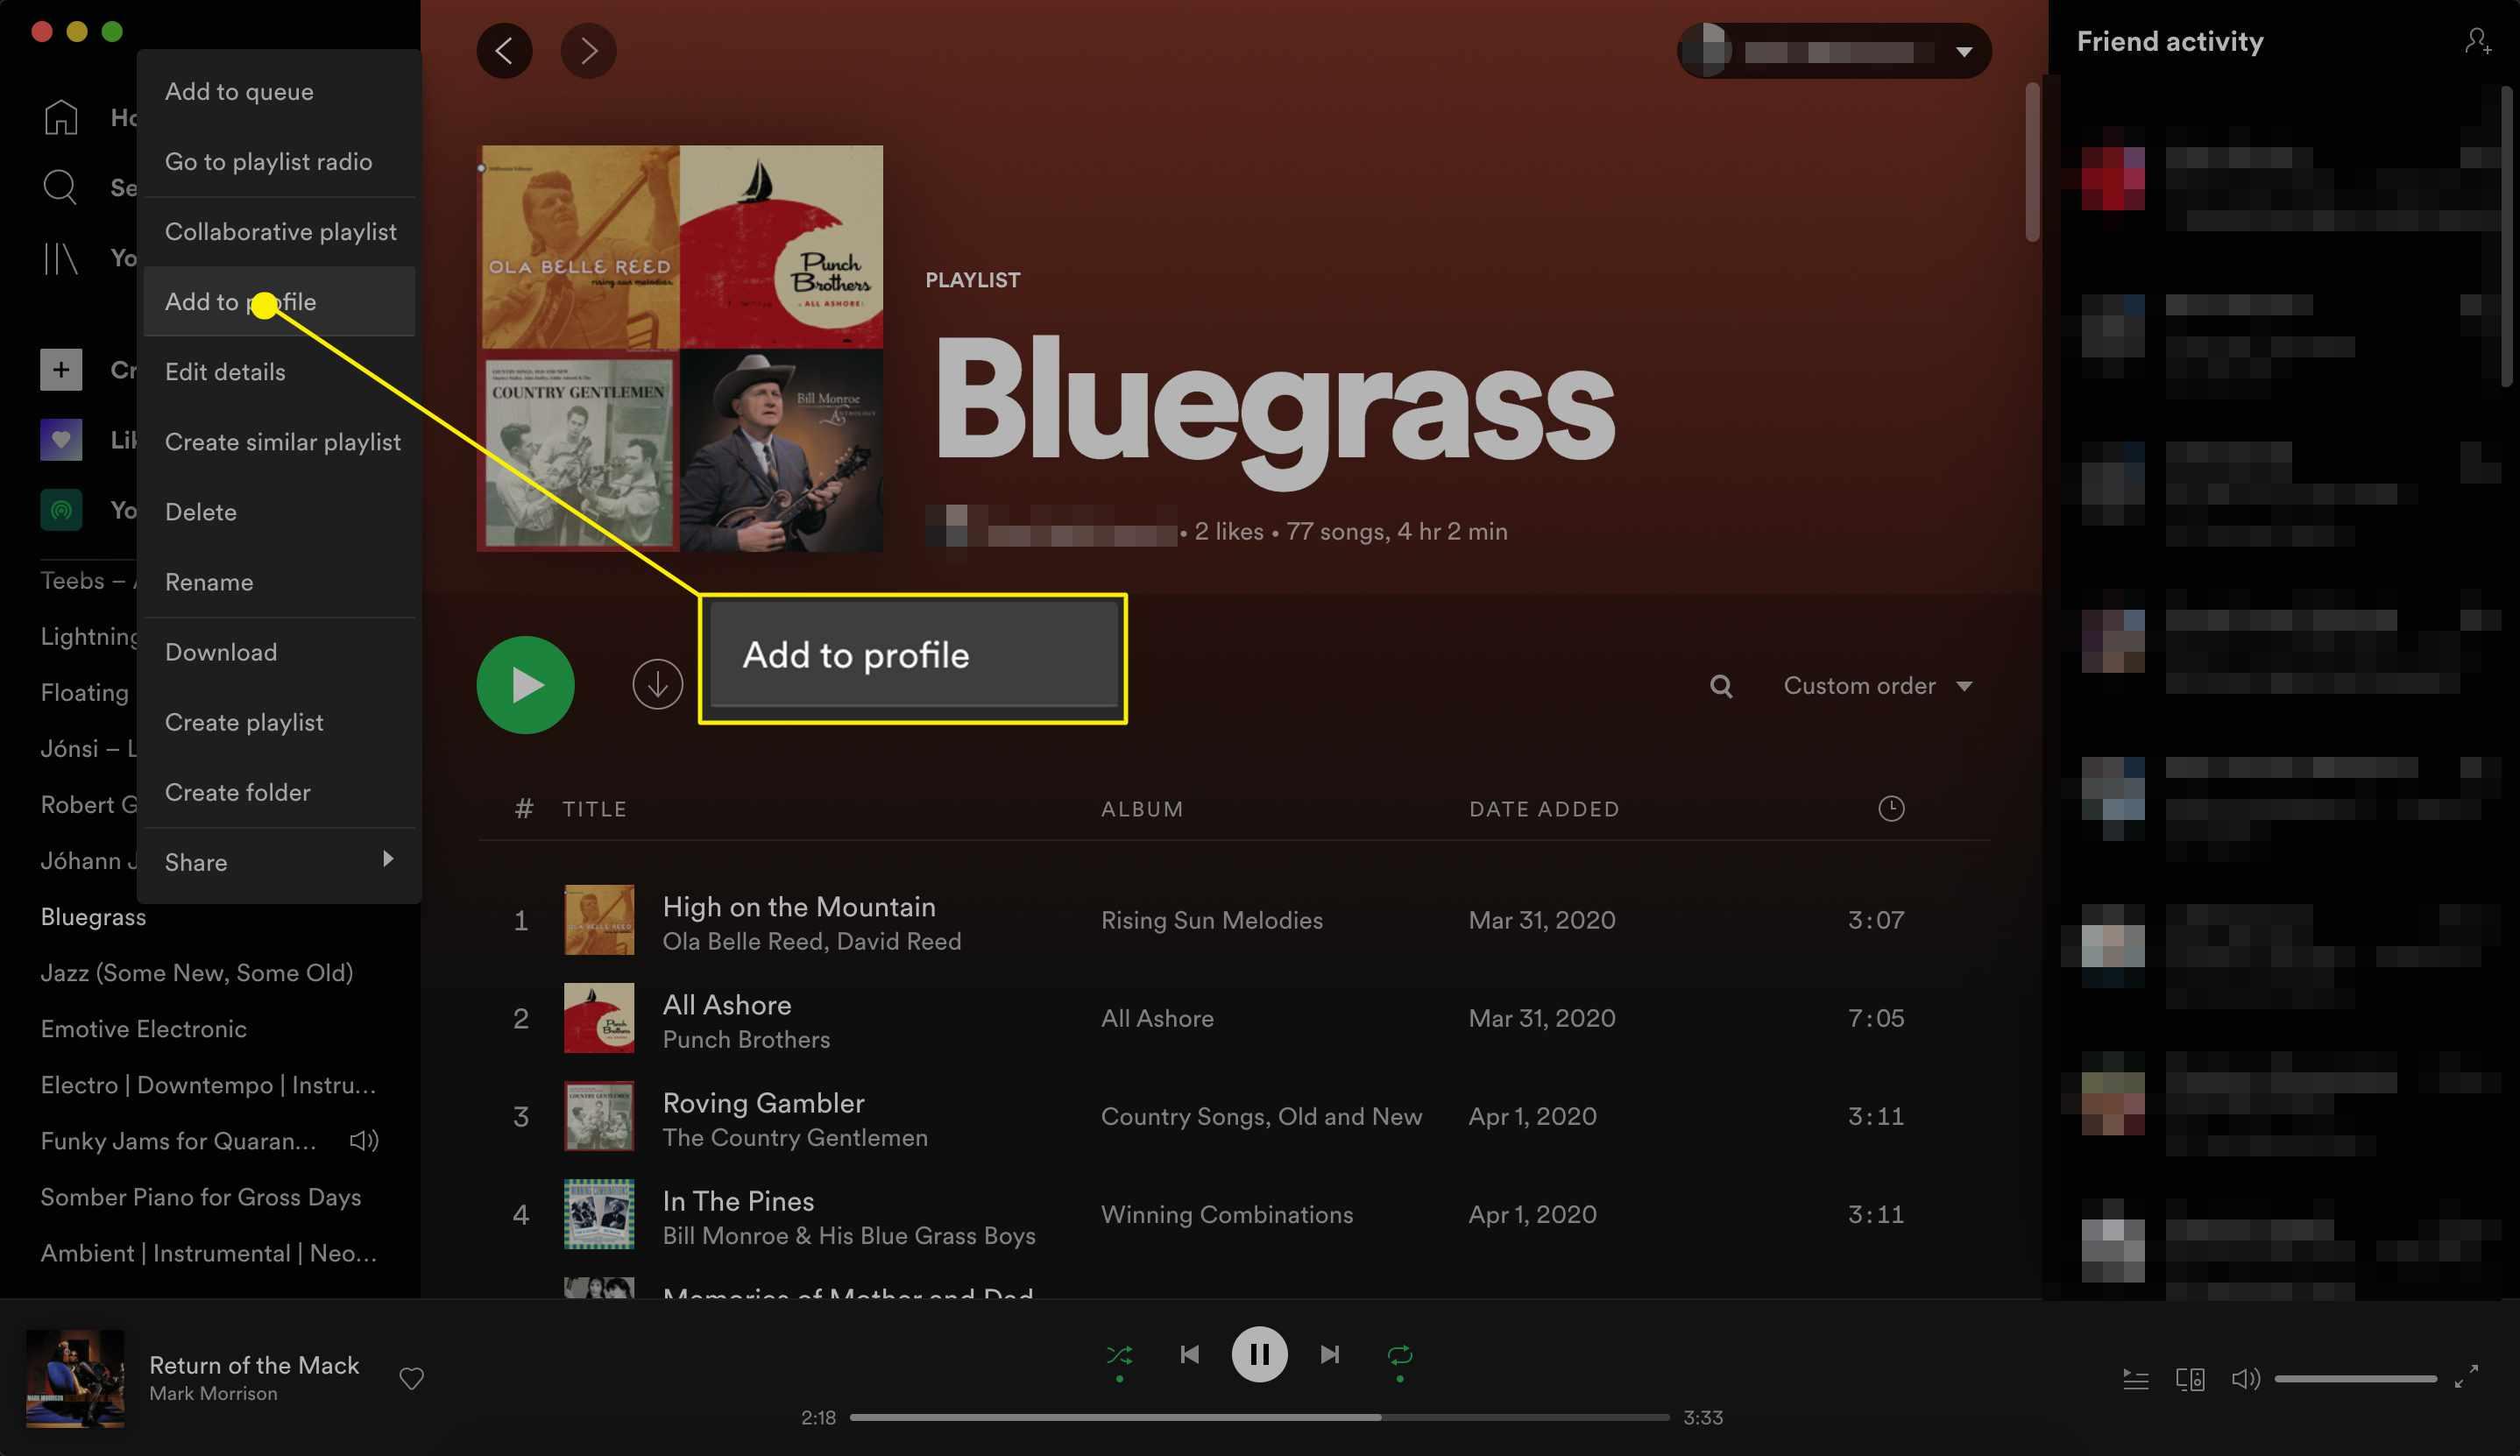 Spotify playlist add to profile